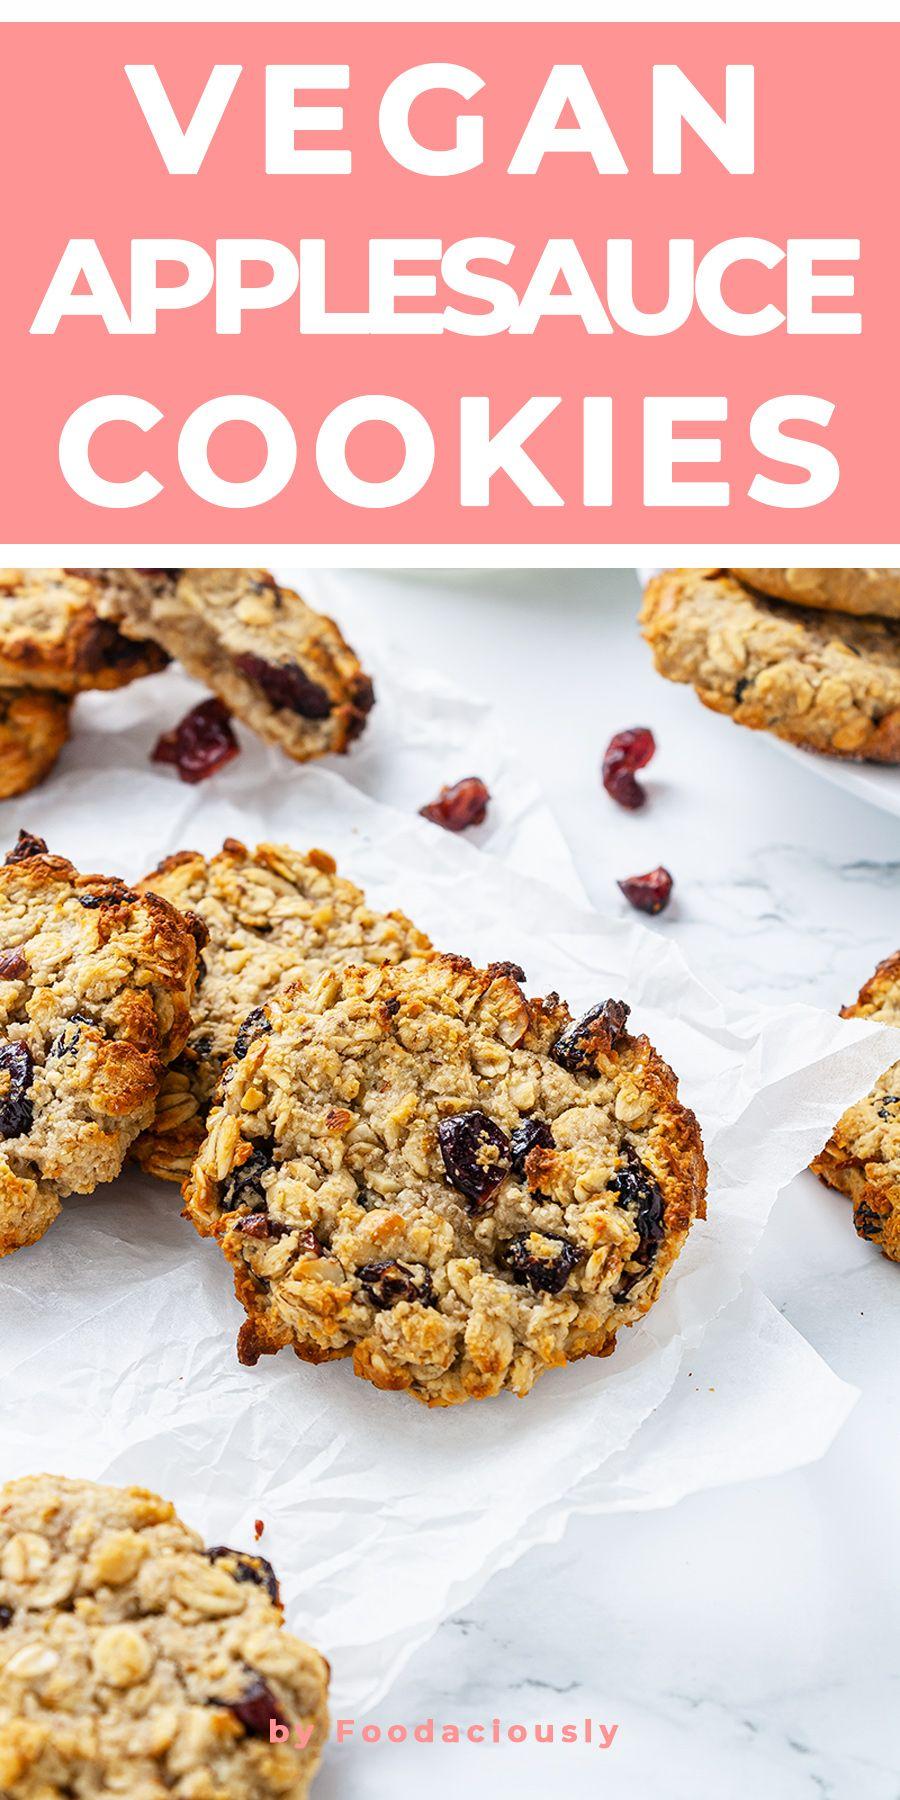 Gluten Free Vegan Applesauce Cookies Recipe Recipe In 2020 Applesauce Cookies Recipes Vegan Oatmeal Cookies Healthy Oatmeal Cookies